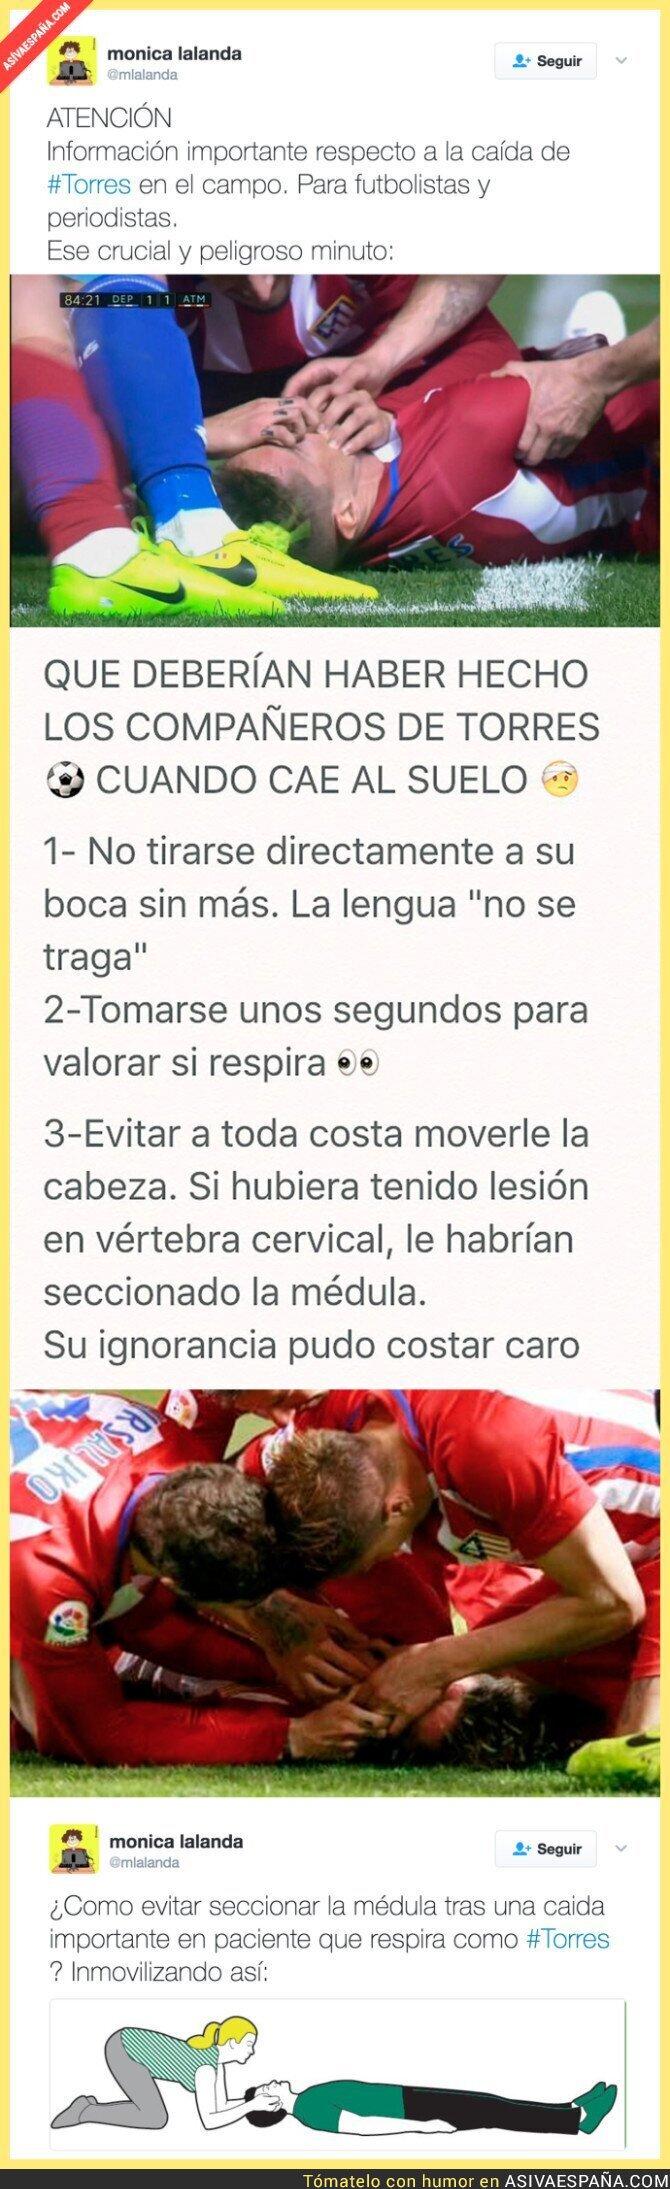 63959 - Fernando Torres corrió un gran peligro tras su terrible caída